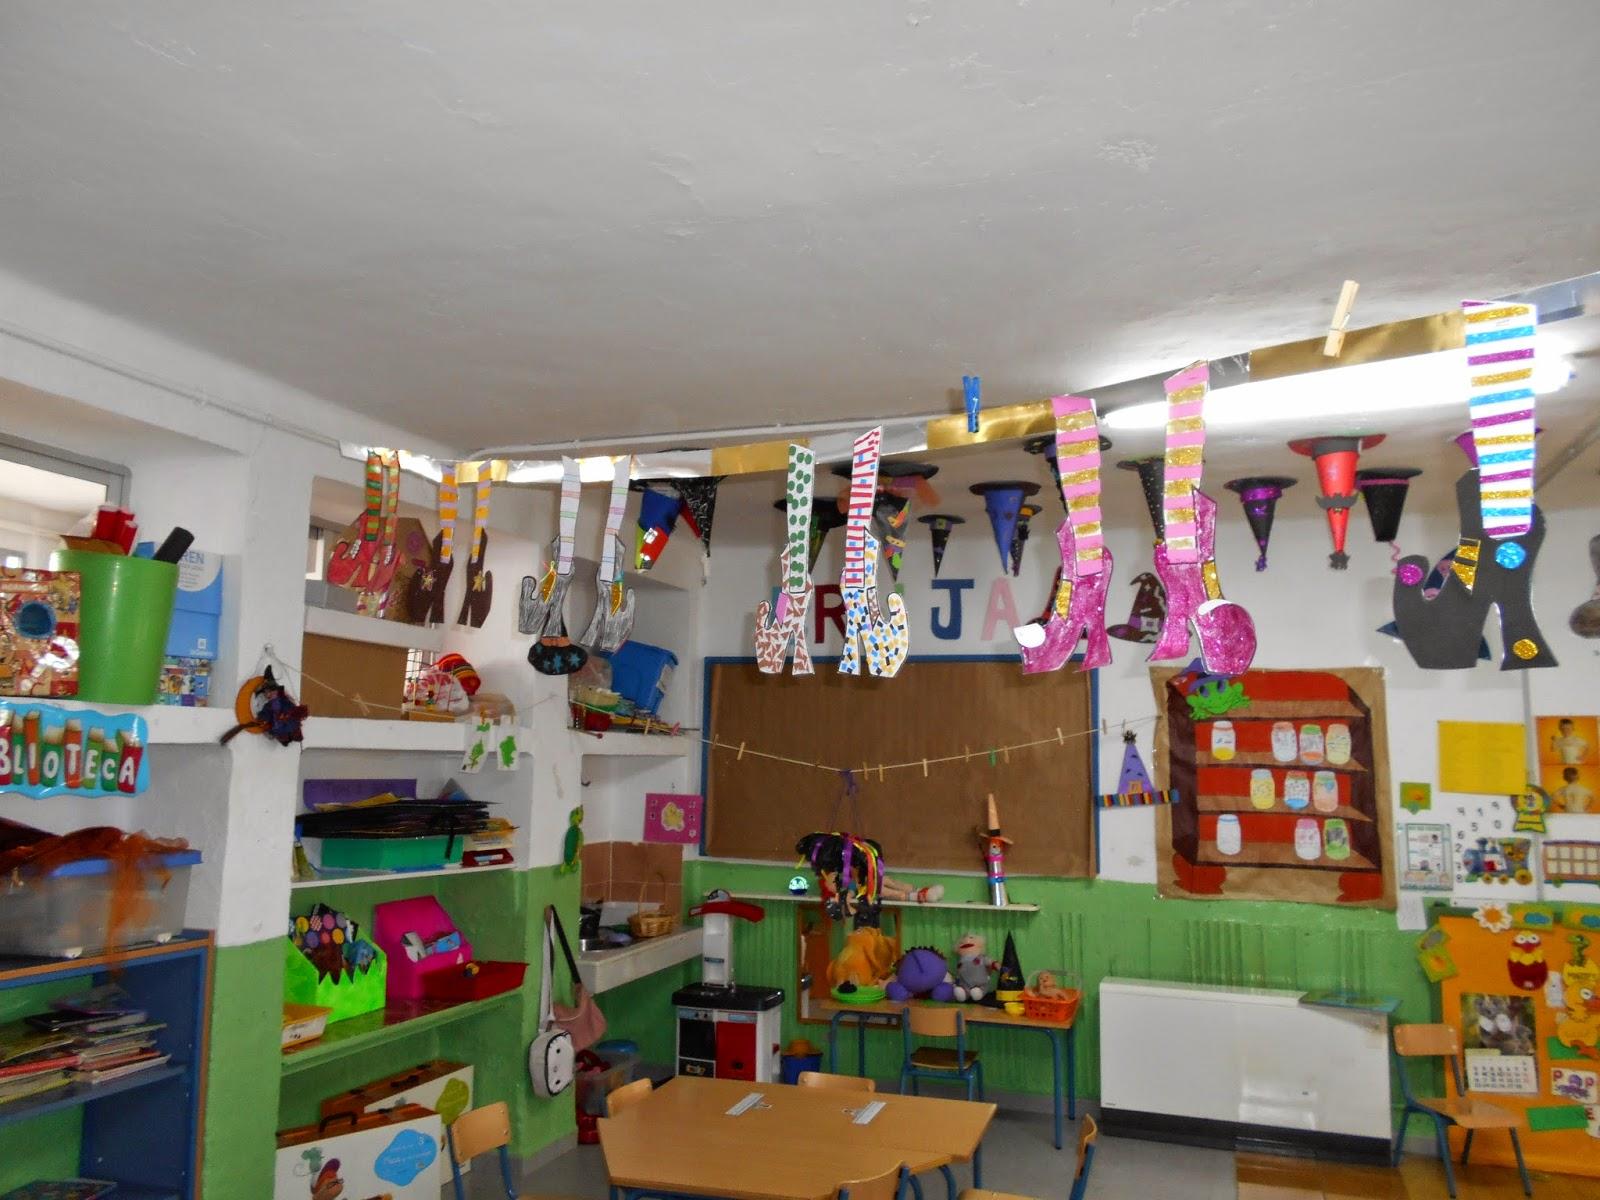 Imagenes infantiles para decorar salones de primer grado - Decorar pared de salon ...